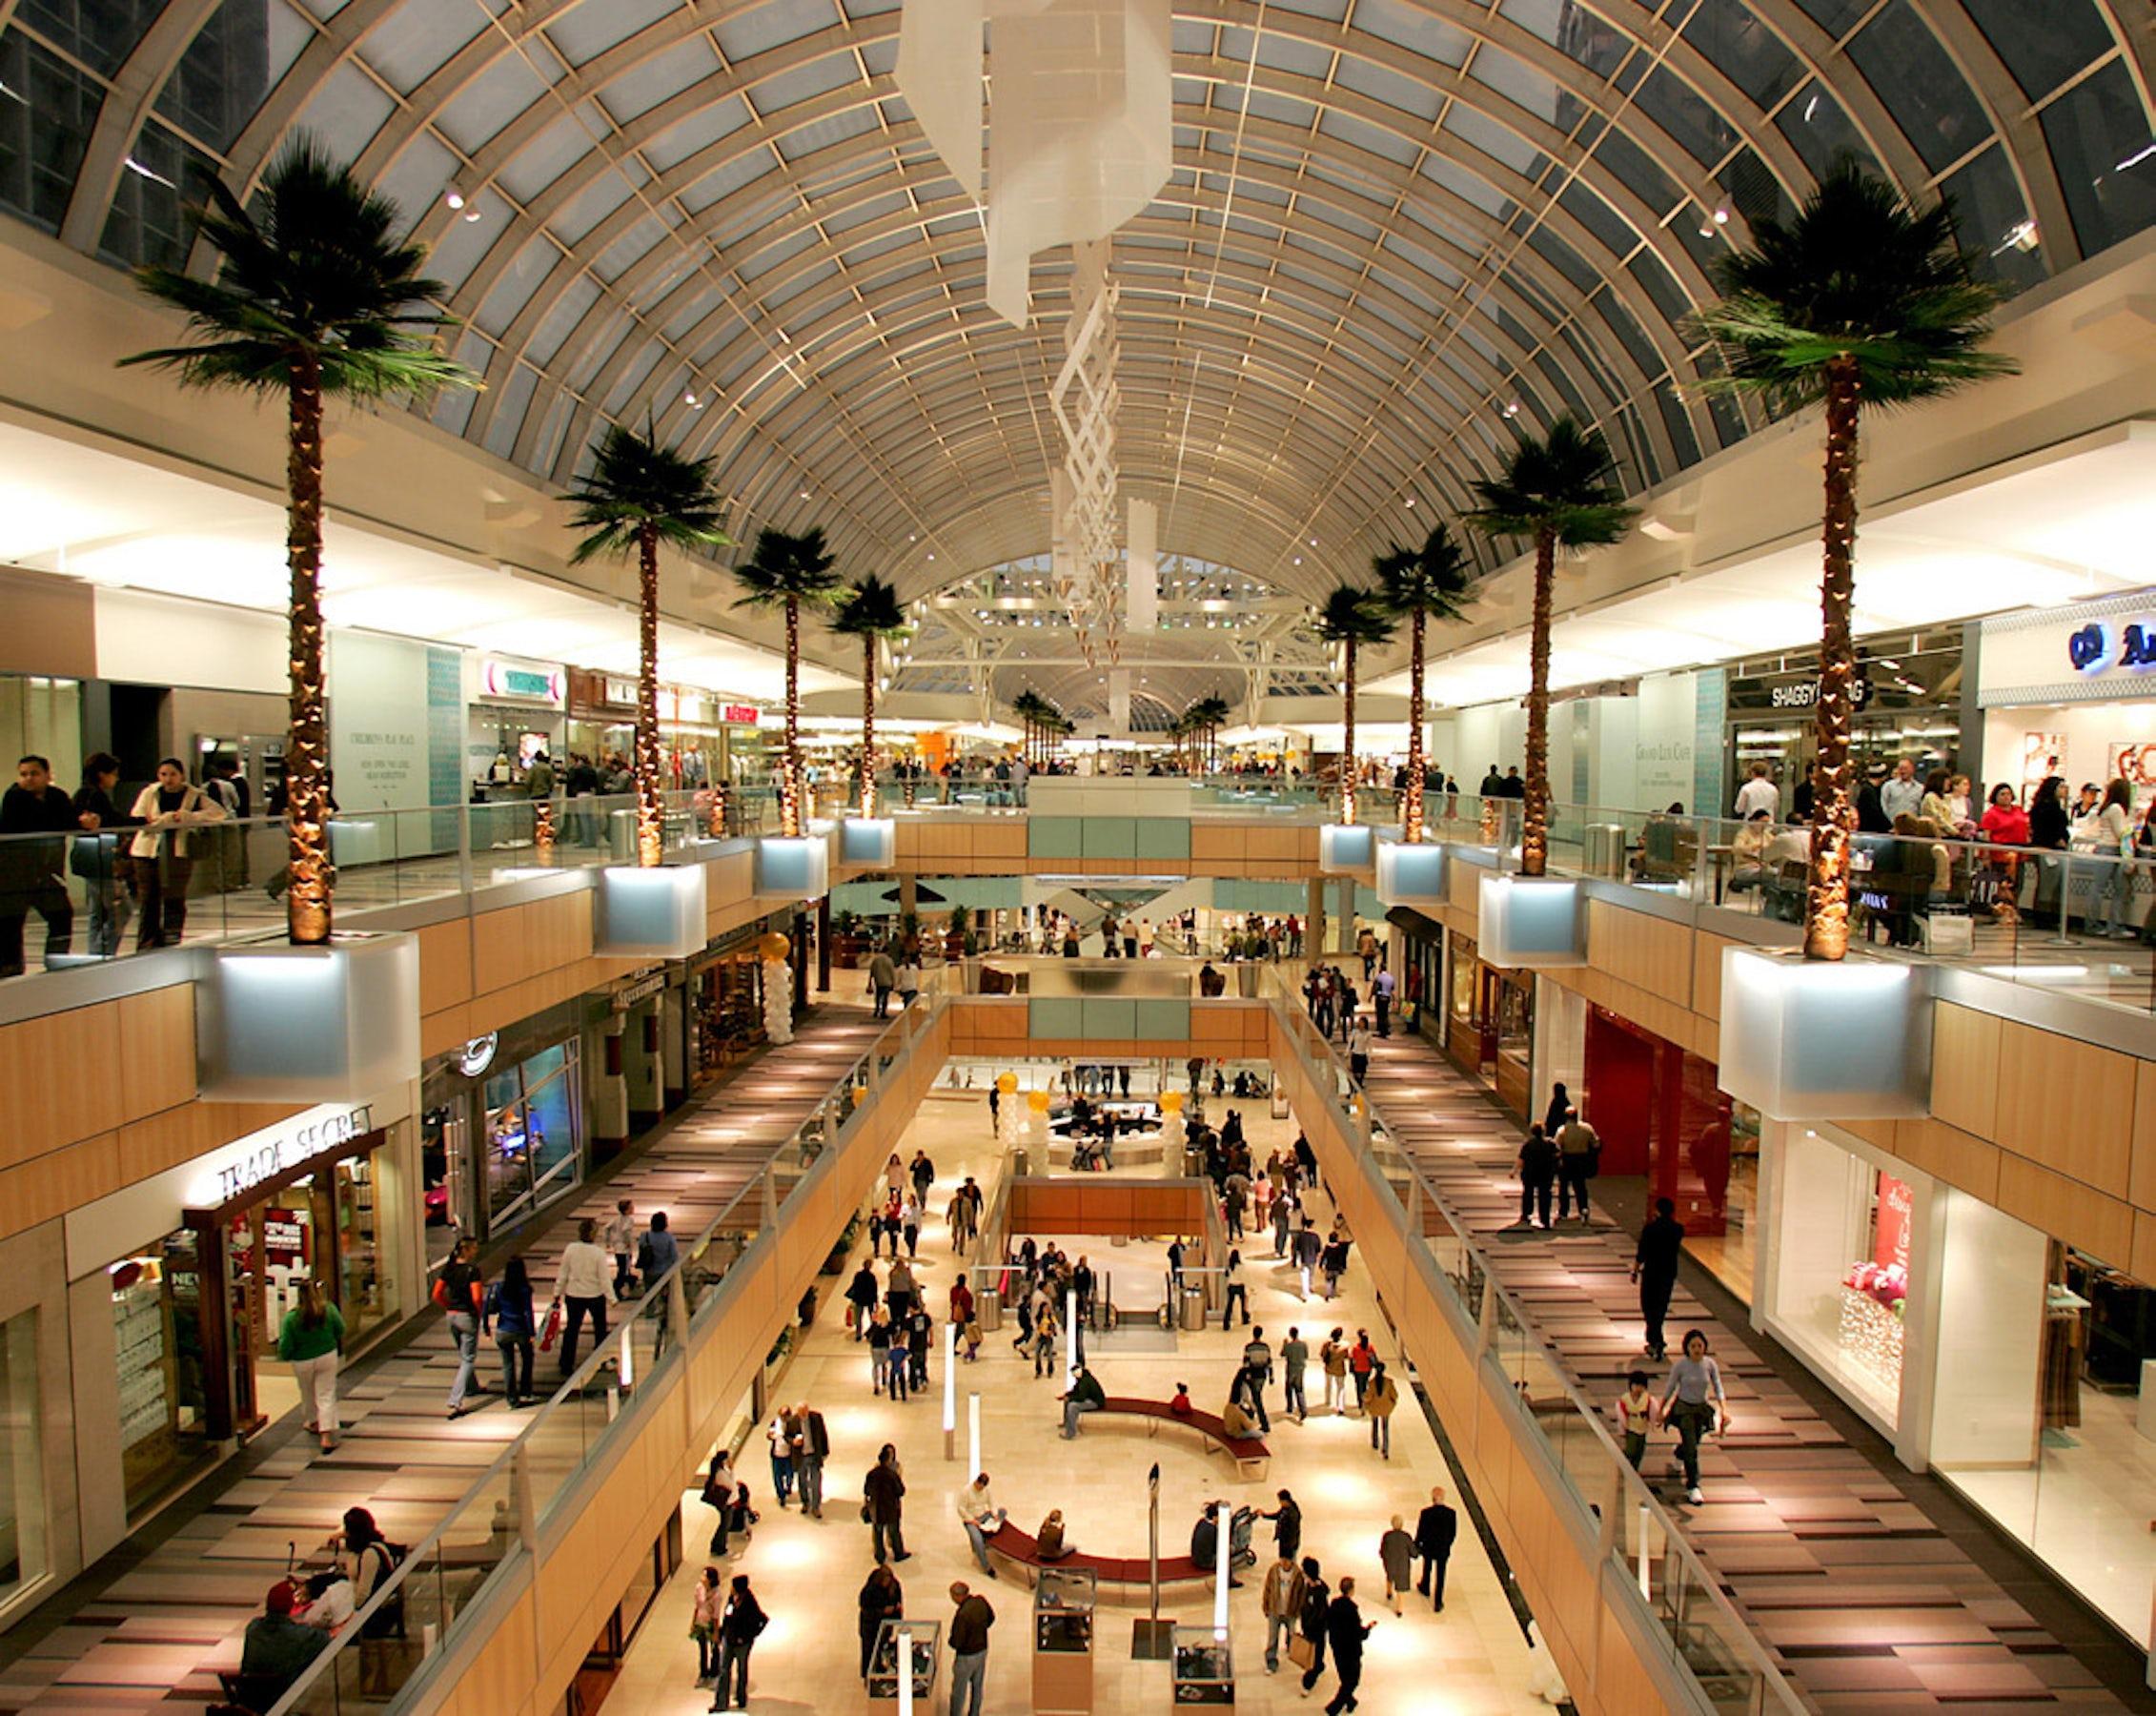 Galleria Dallas in Beyond Dallas